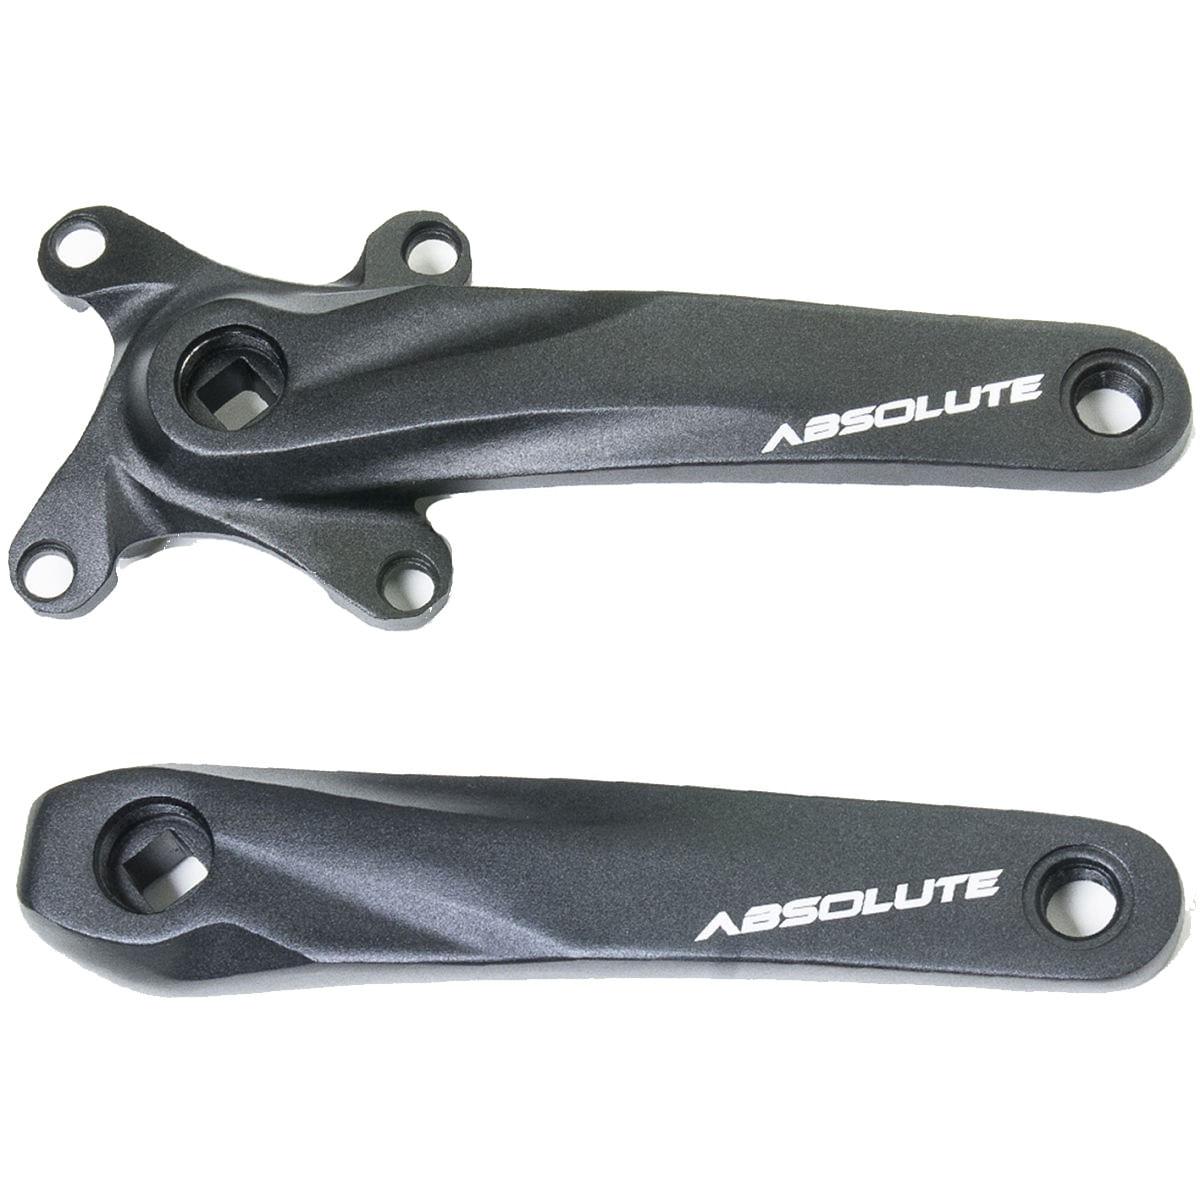 Pedivela-de-Bicicleta-MTB-Absolute-Wild-175mm-Ponta-Quadrada-BCD-64mm-e-104mm---8608--2-